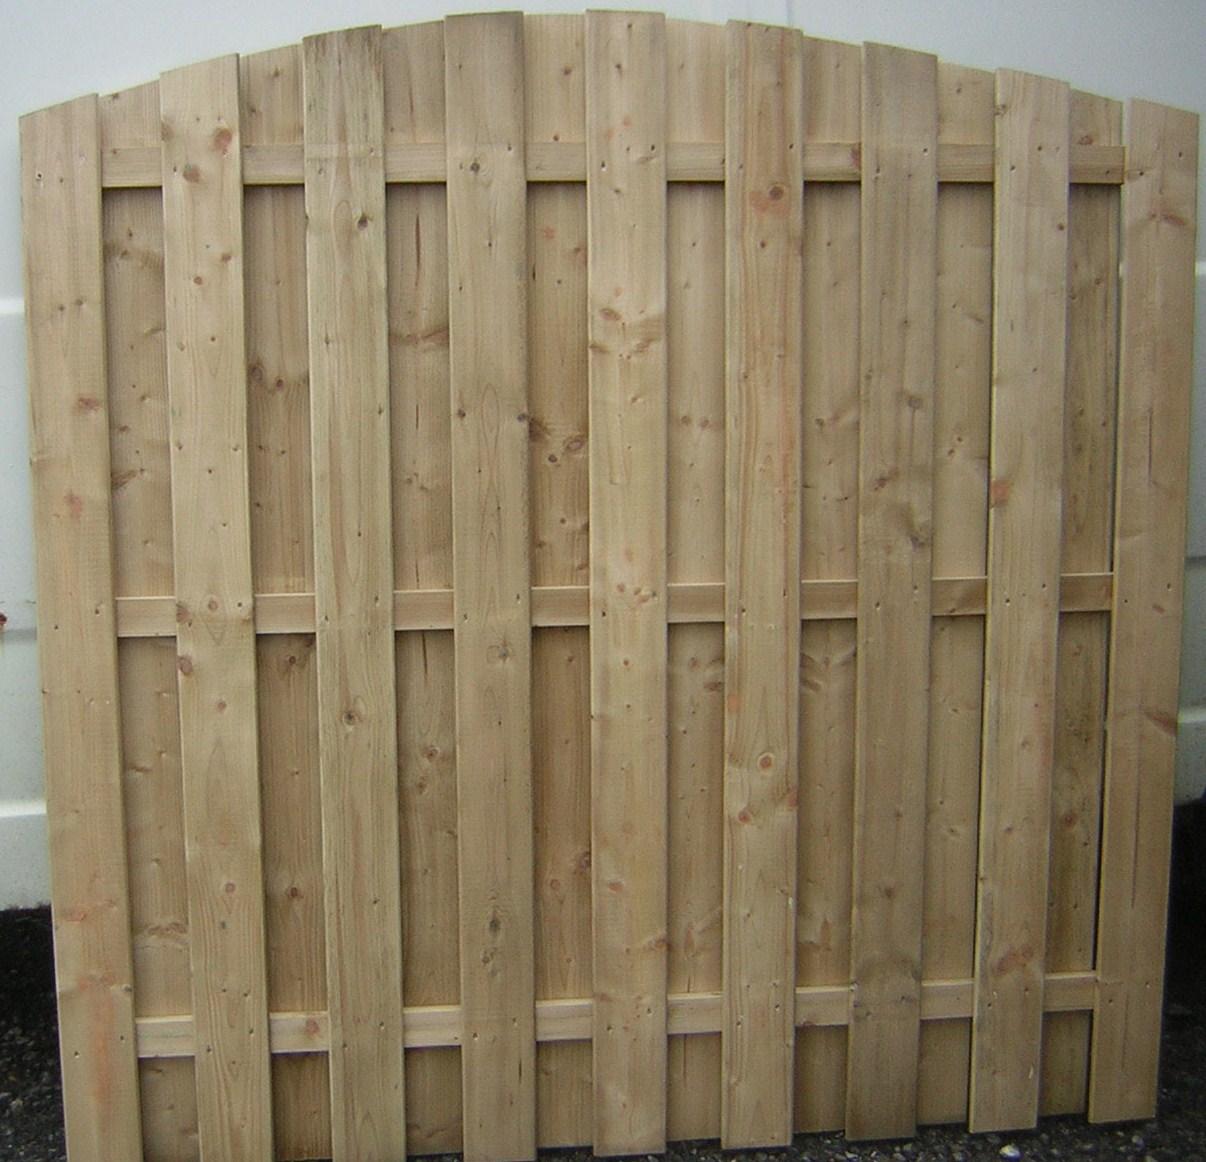 Panneaux bois planches bois cl tures panneaux piquets meubles pergola - Prix panneau trilatte ...